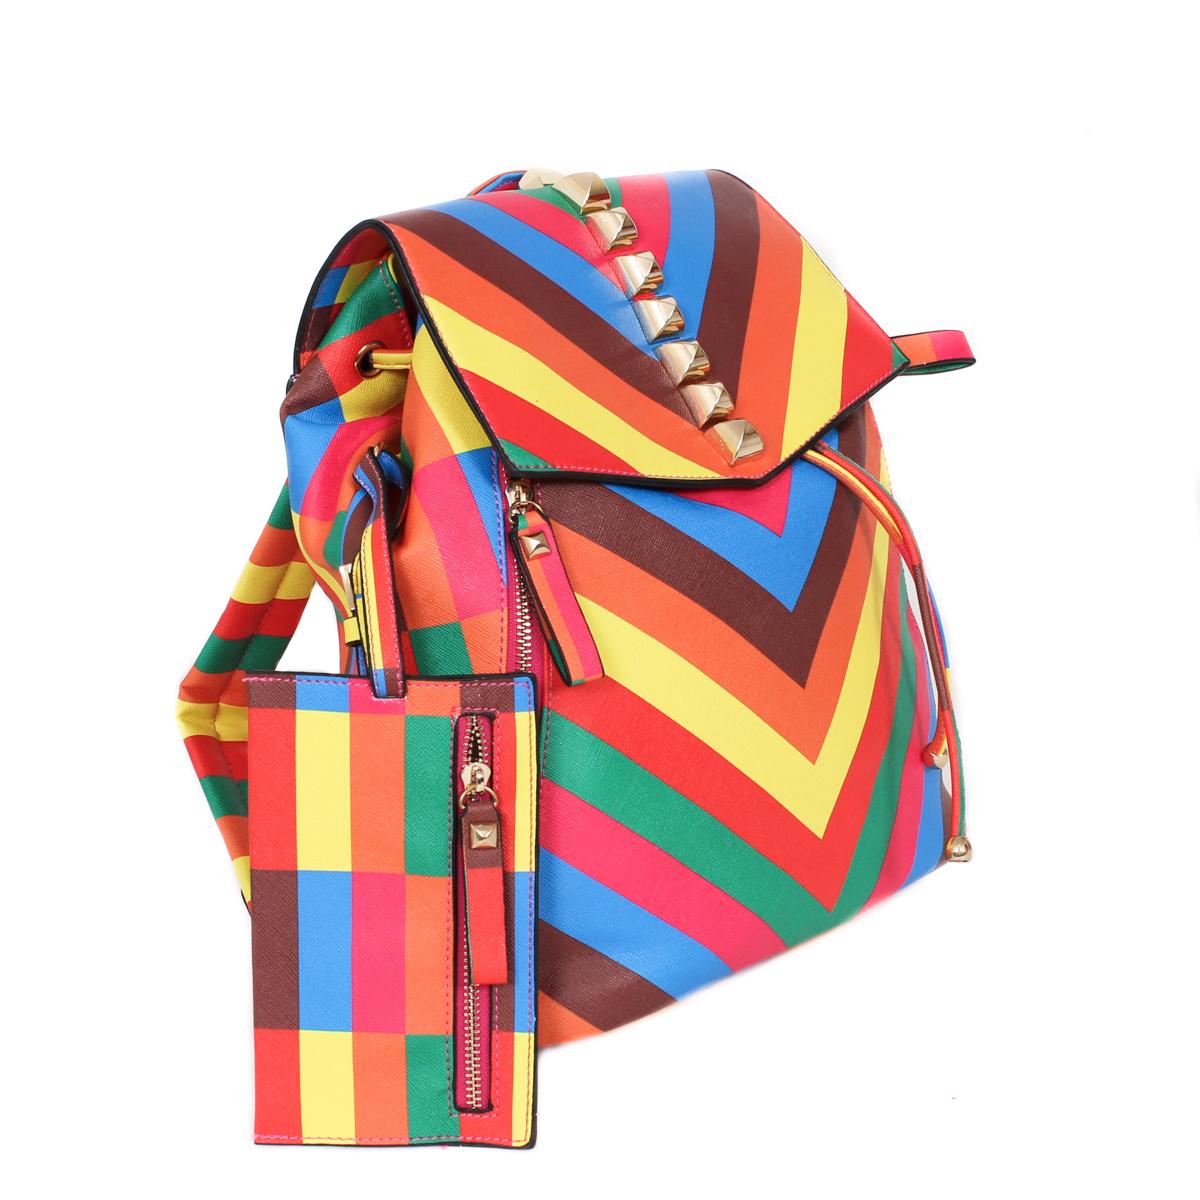 Рюкзак Flioraj, цвет: разноцветный. 0005137100051371Закрывается на магнит. Внутри одно отделение, два кармана на молнии, три открытых кармана. Снаружи два кармана на молнии. В комплекте кошелек (17,5 х 10,5). Высота ручки - 7 см.